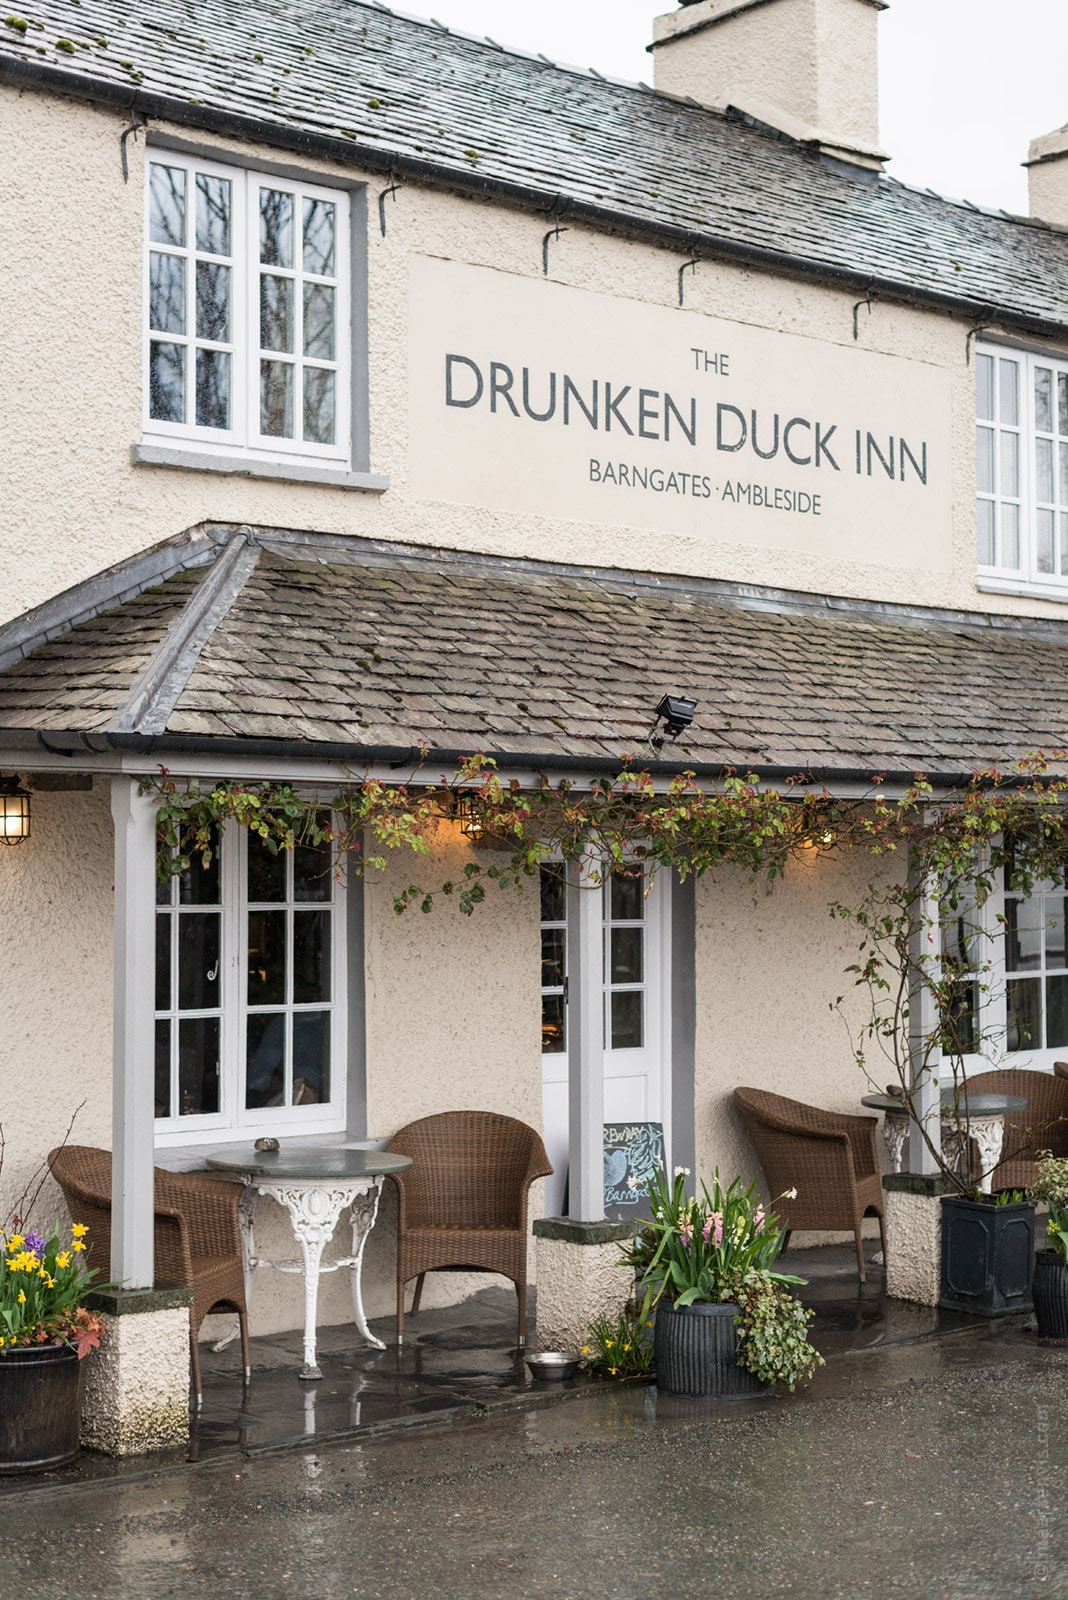 20160326 8453 - Drunken Duck Inn